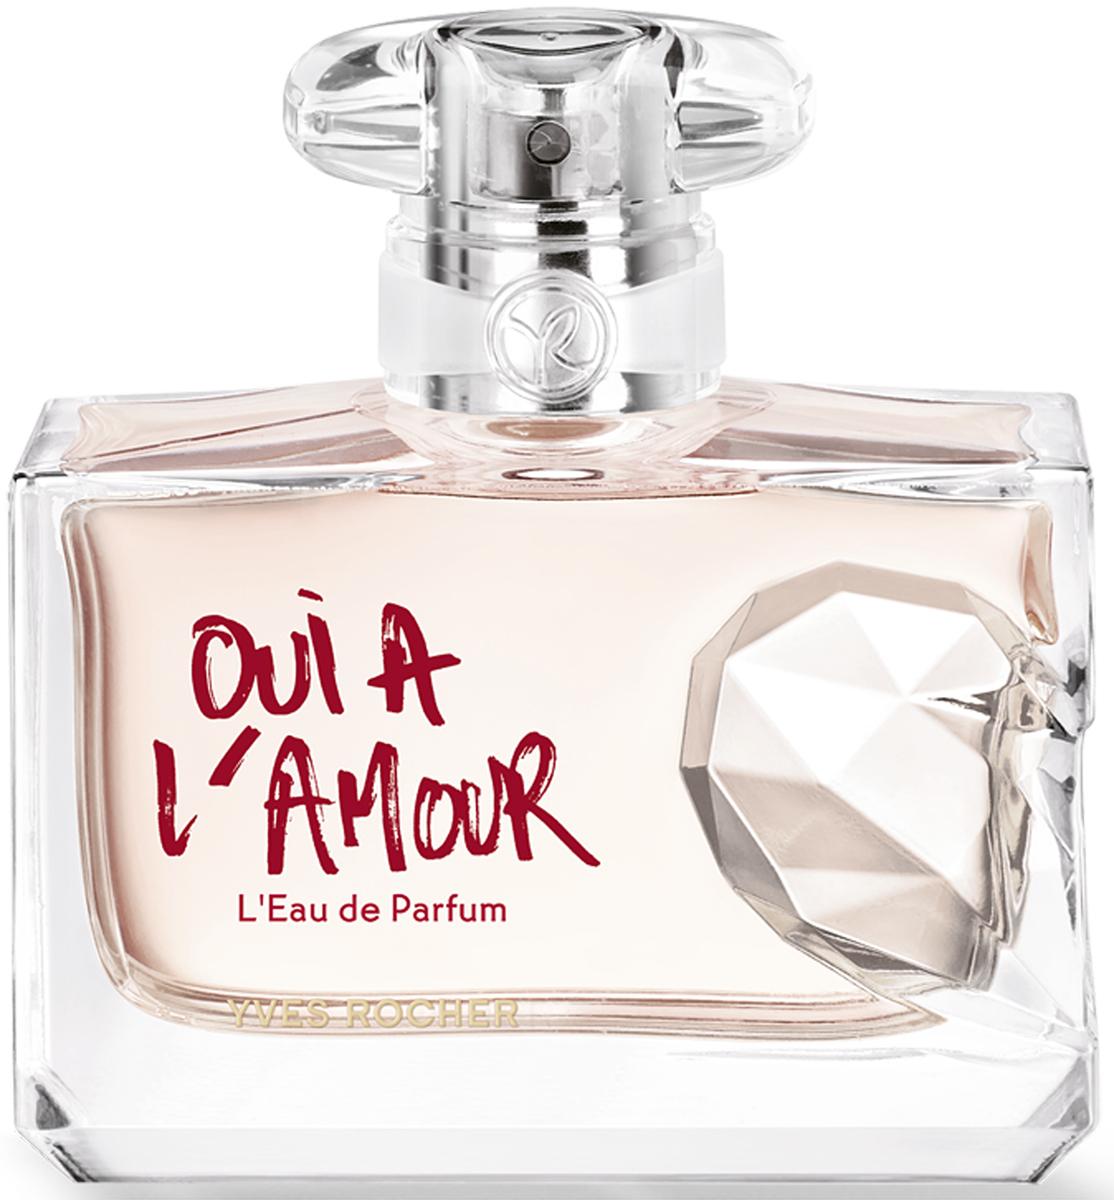 Yves Rocher парфюмерная вода Oui A Lamour, 50 мл07396Аромат «Oui a l'Amour» – настоящий манифест смелости и страсти! Дерзкий, противоречивый и бесконечно соблазнительный, он покоряет с первого вдоха. Поддайтесь очарованию юности, наслаждайтесь моментом, живите здесь и сейчас, откройте Ваше сердце для любви!Яркая цветочно-восточная композиция – удивительное сочетание искрящейся свежести и волнующей чувственности. Пикантные аккорды Ангелики усиливают нежное и бесконечно женственное звучание Розы. Этот букет окутан сладостной теплотой абсолюта бобов Тонка в сочетании с элегантной древесной нотой Кедра. Парфюмерная вода «Oui a l'Amour» – обещание вечной любви.